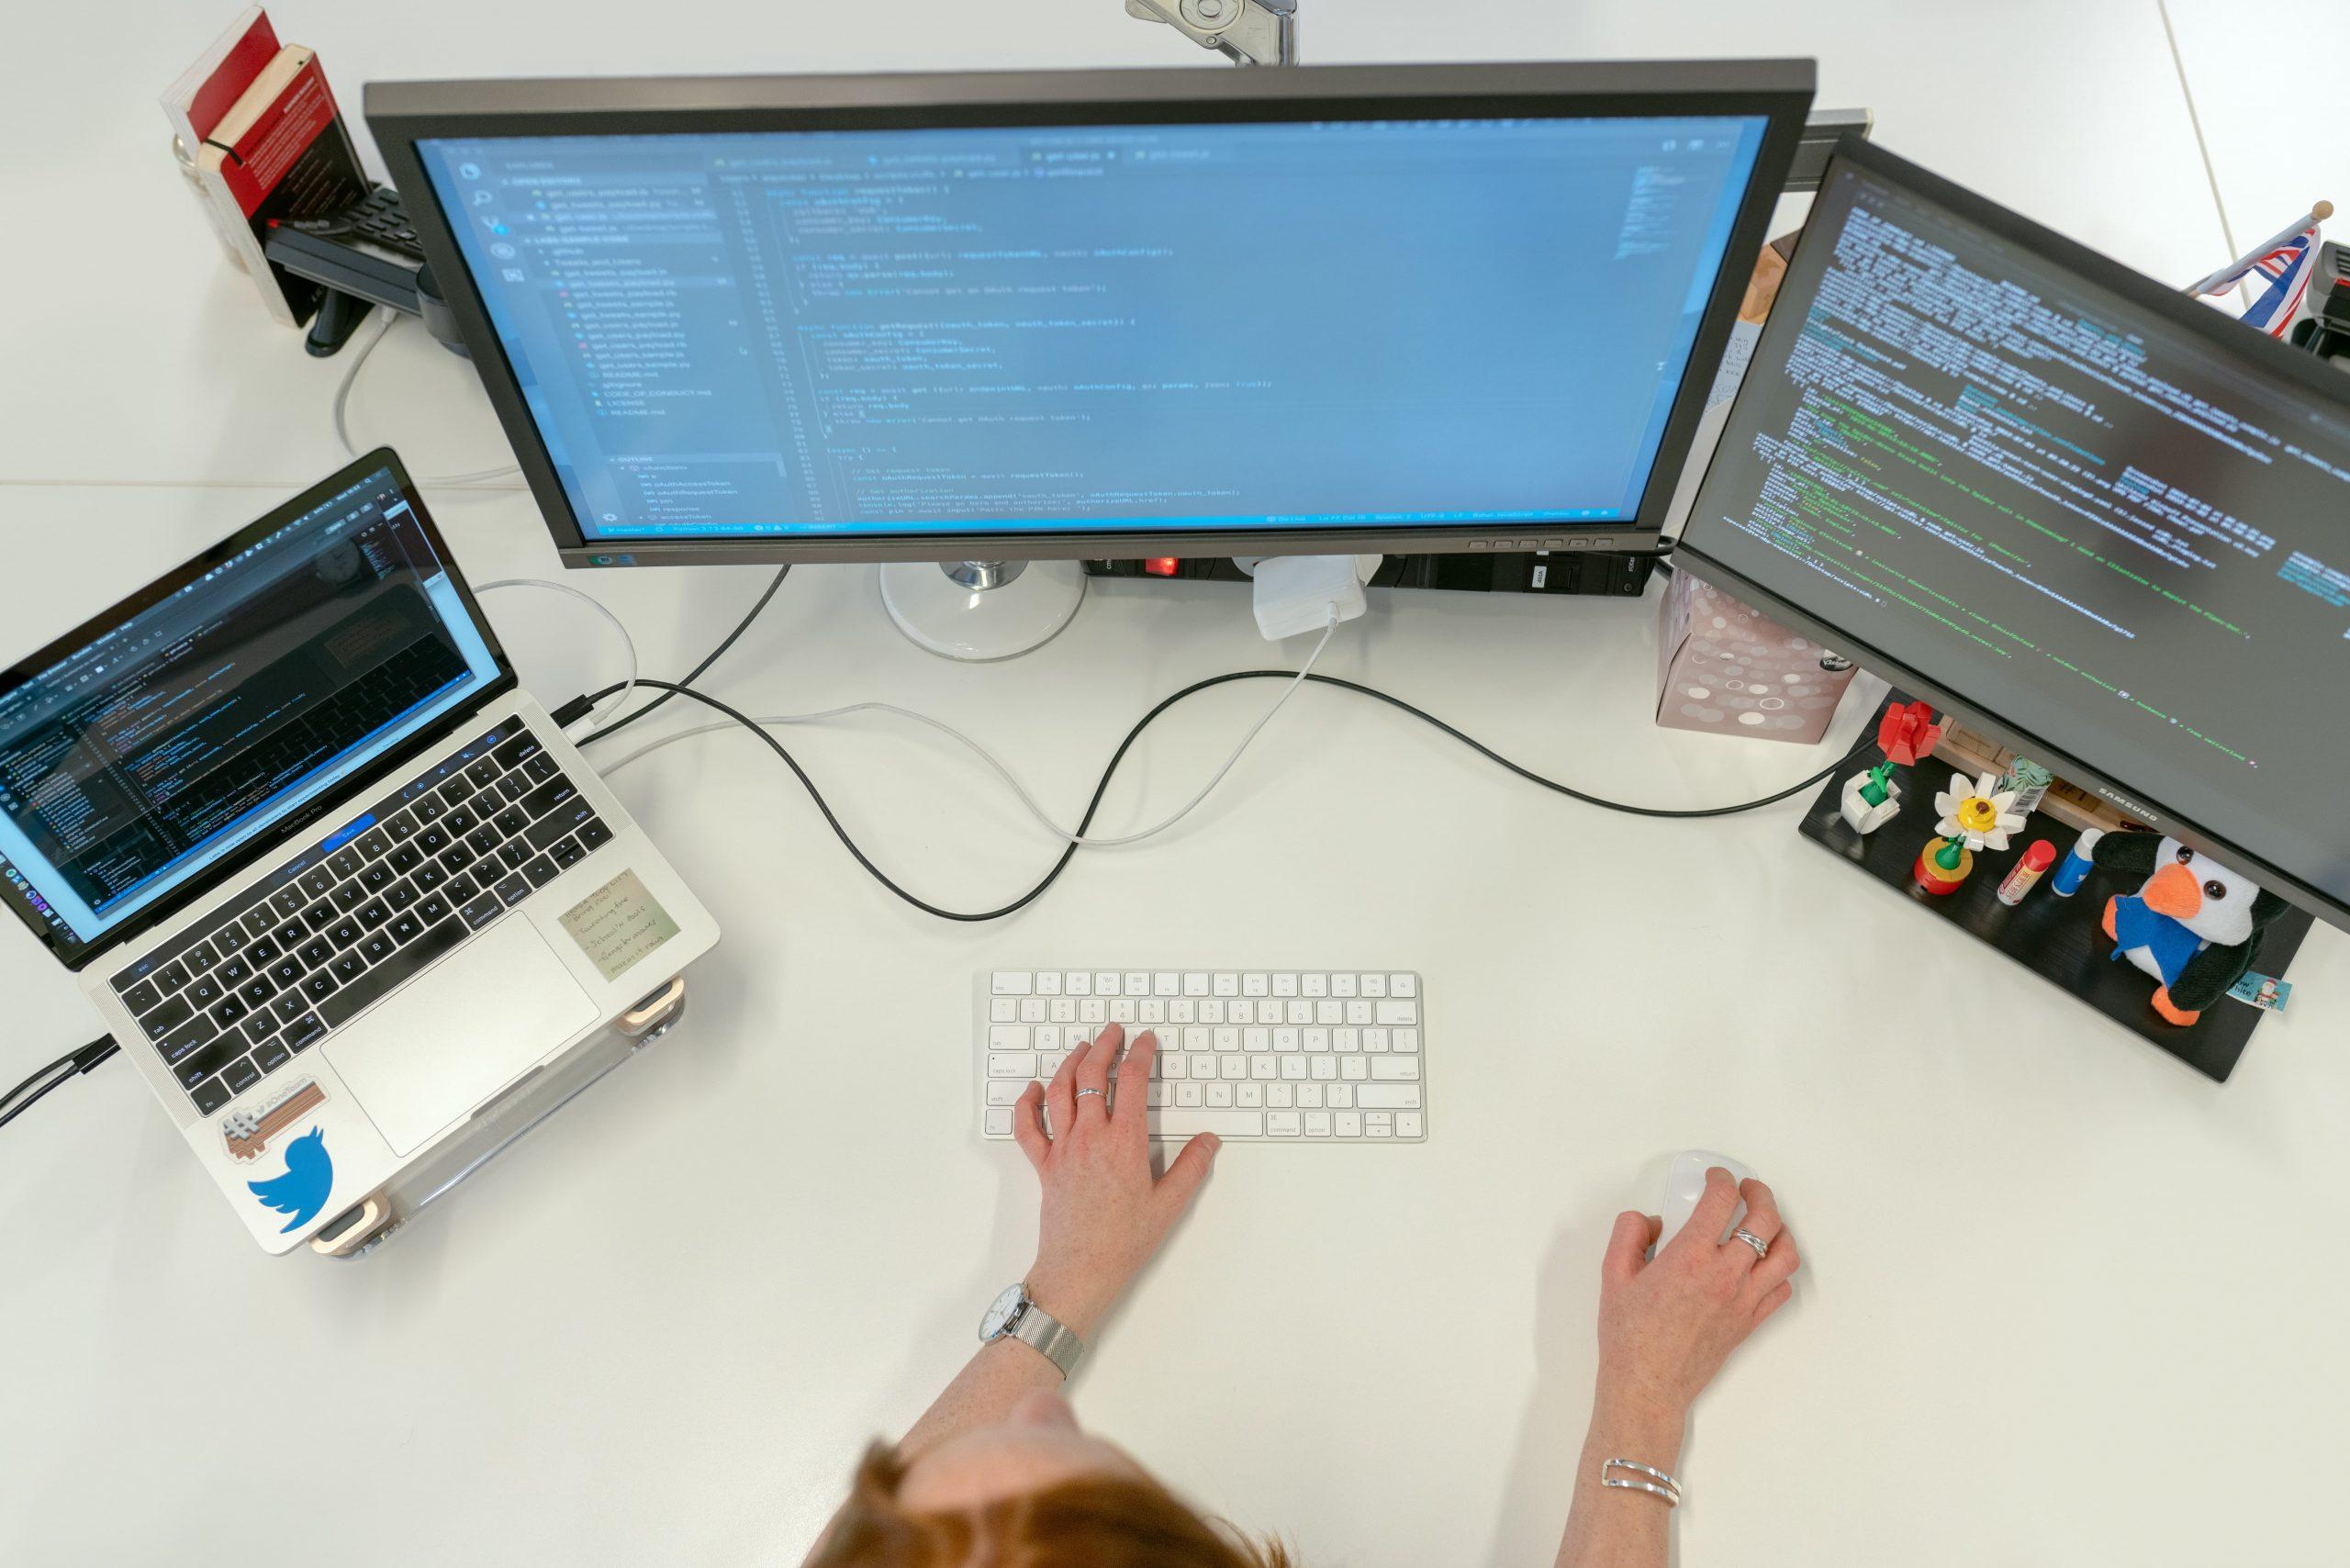 クラウドコンピューティングとは?メリットや注意点を解説